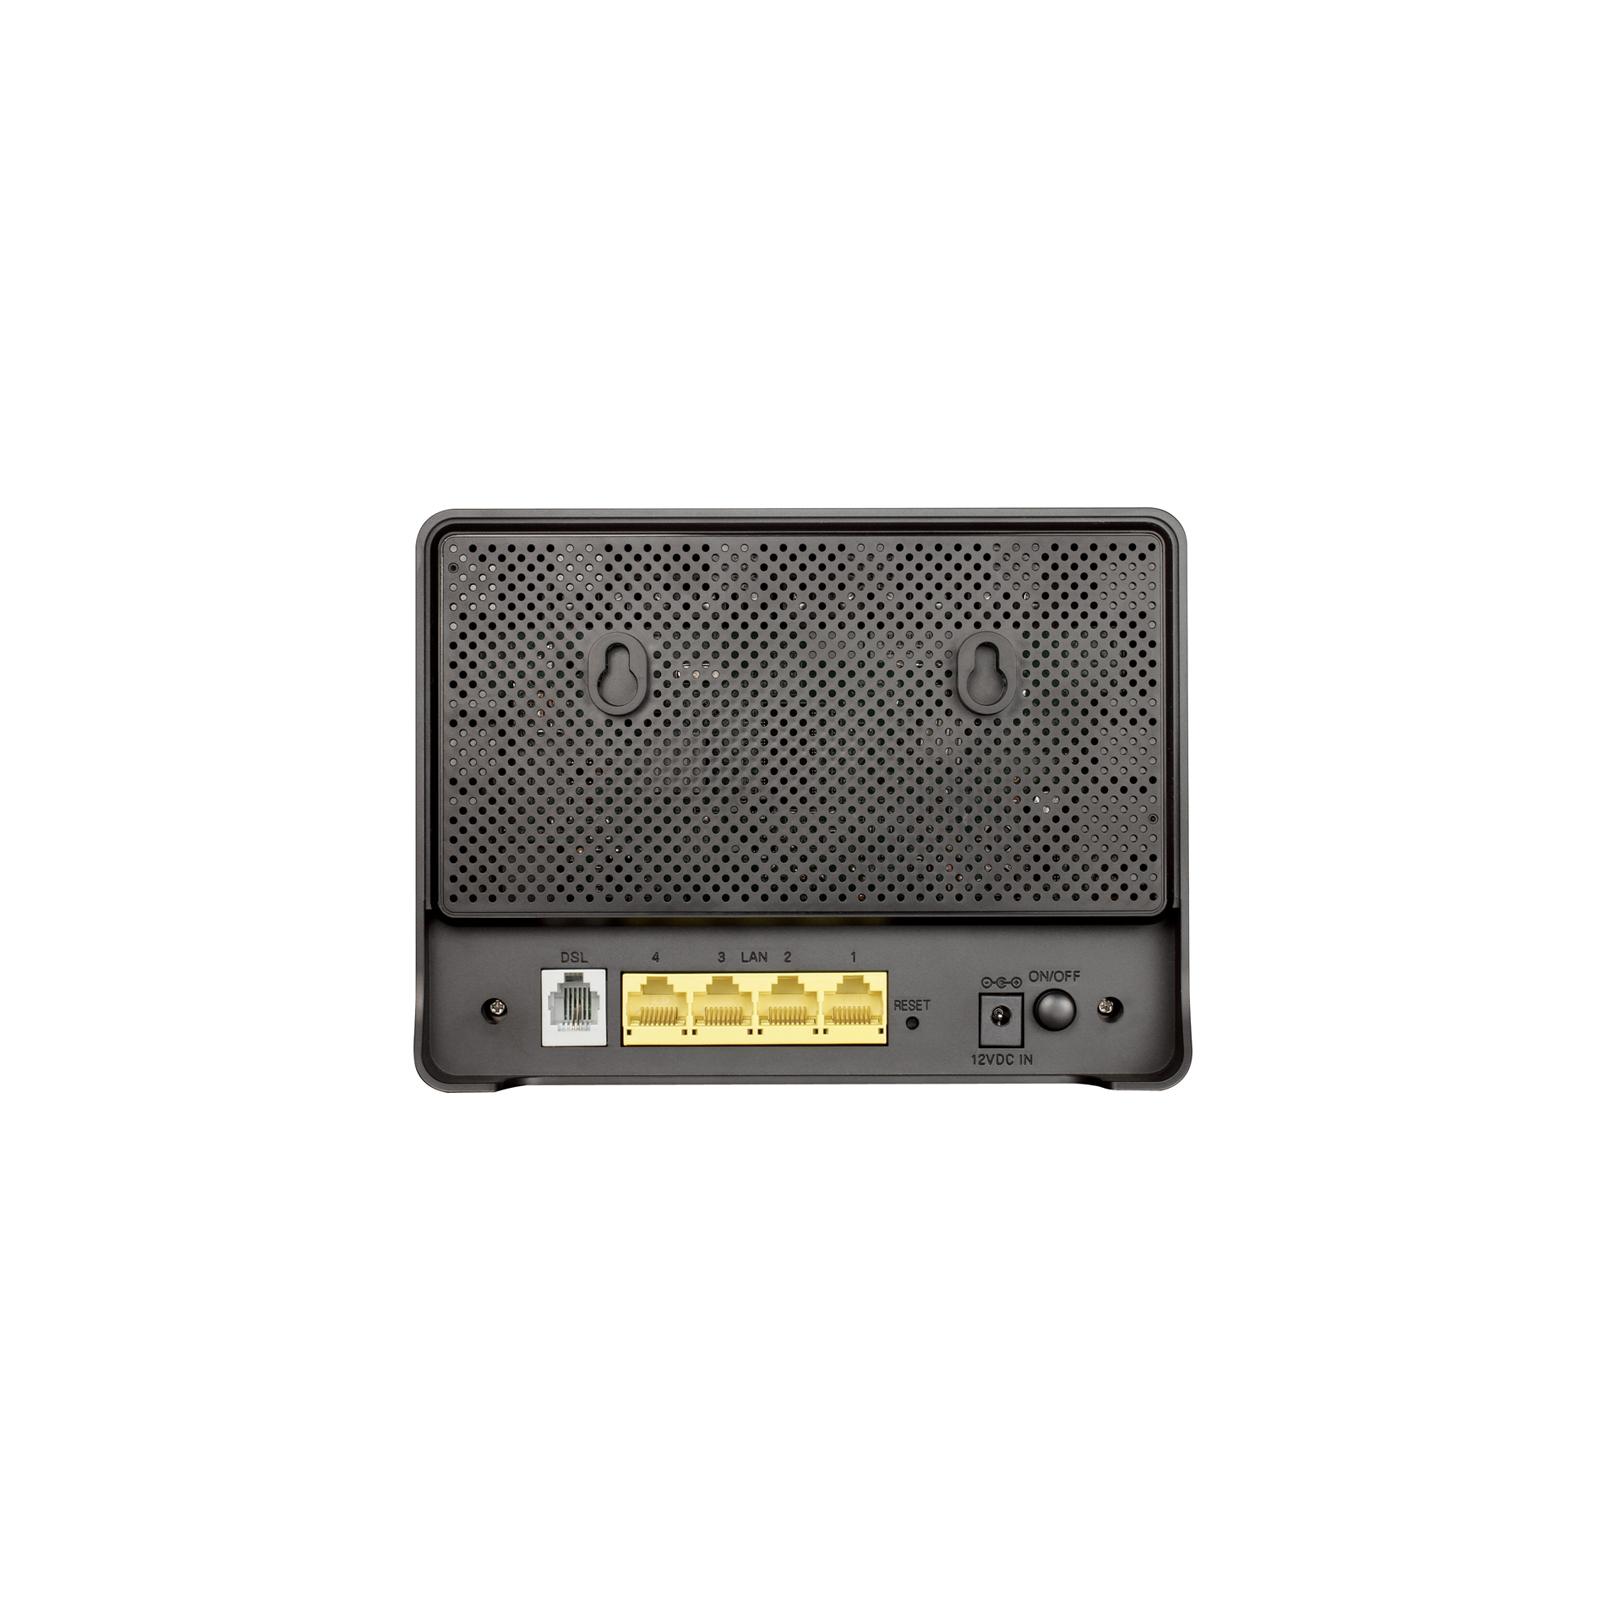 Модем D-Link DSL-2640U изображение 2